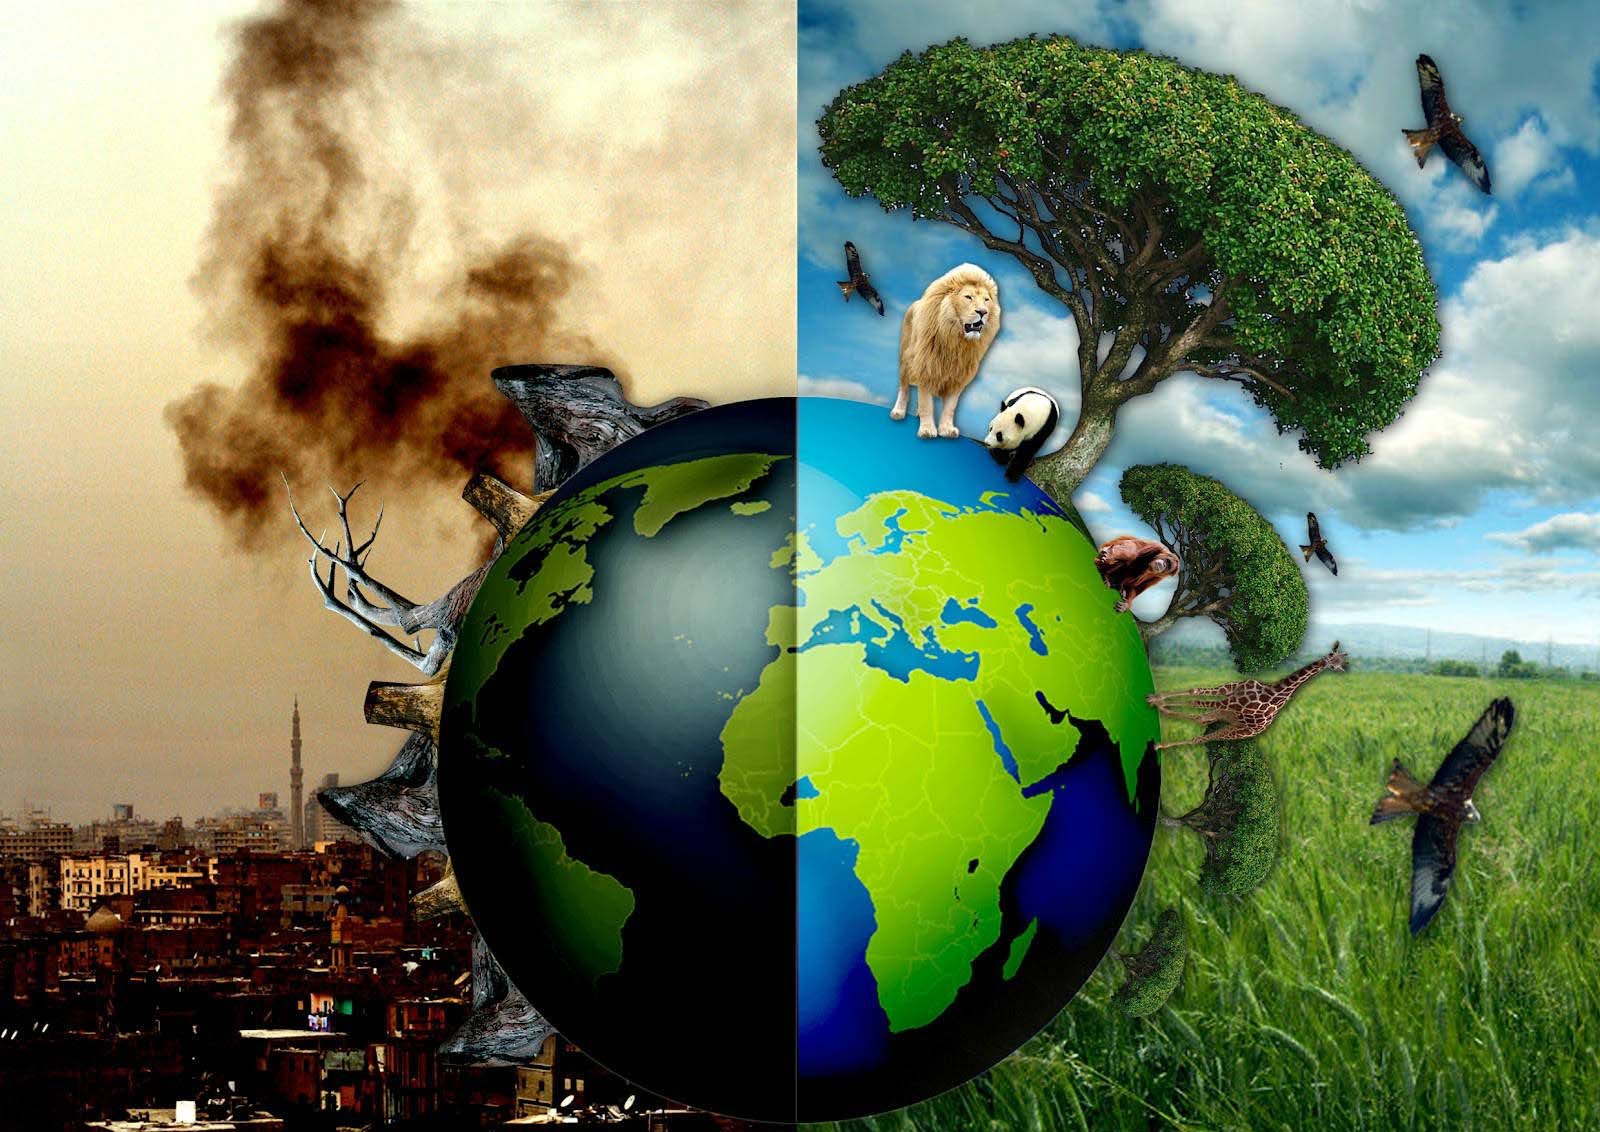 Hình ảnh cảnh báo về bảo vệ môi trường